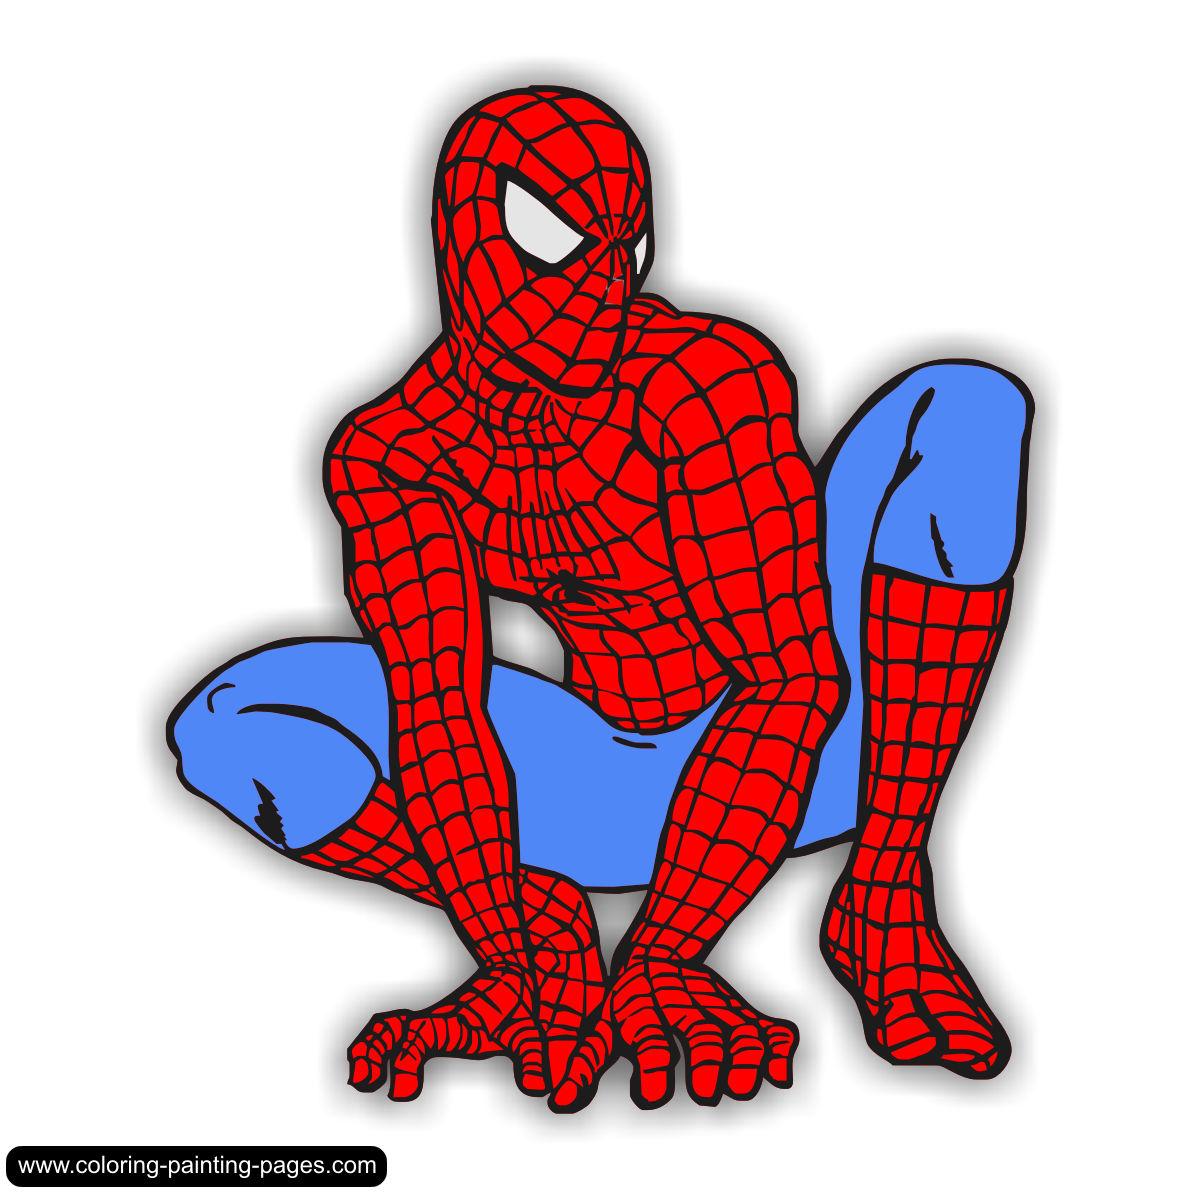 Spider Man Clip Art - clipartall .-Spider Man Clip Art - clipartall .-14